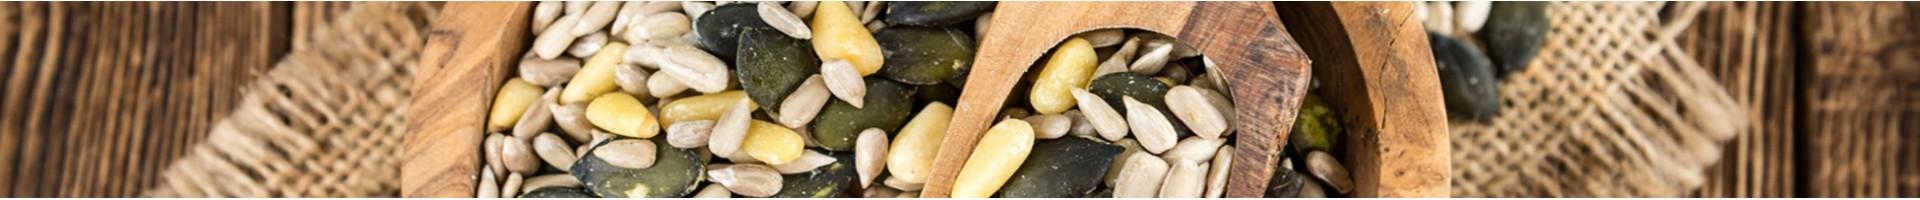 Cereales en Grano Macrobiótica: Judias Azuki y más  | La Finestra